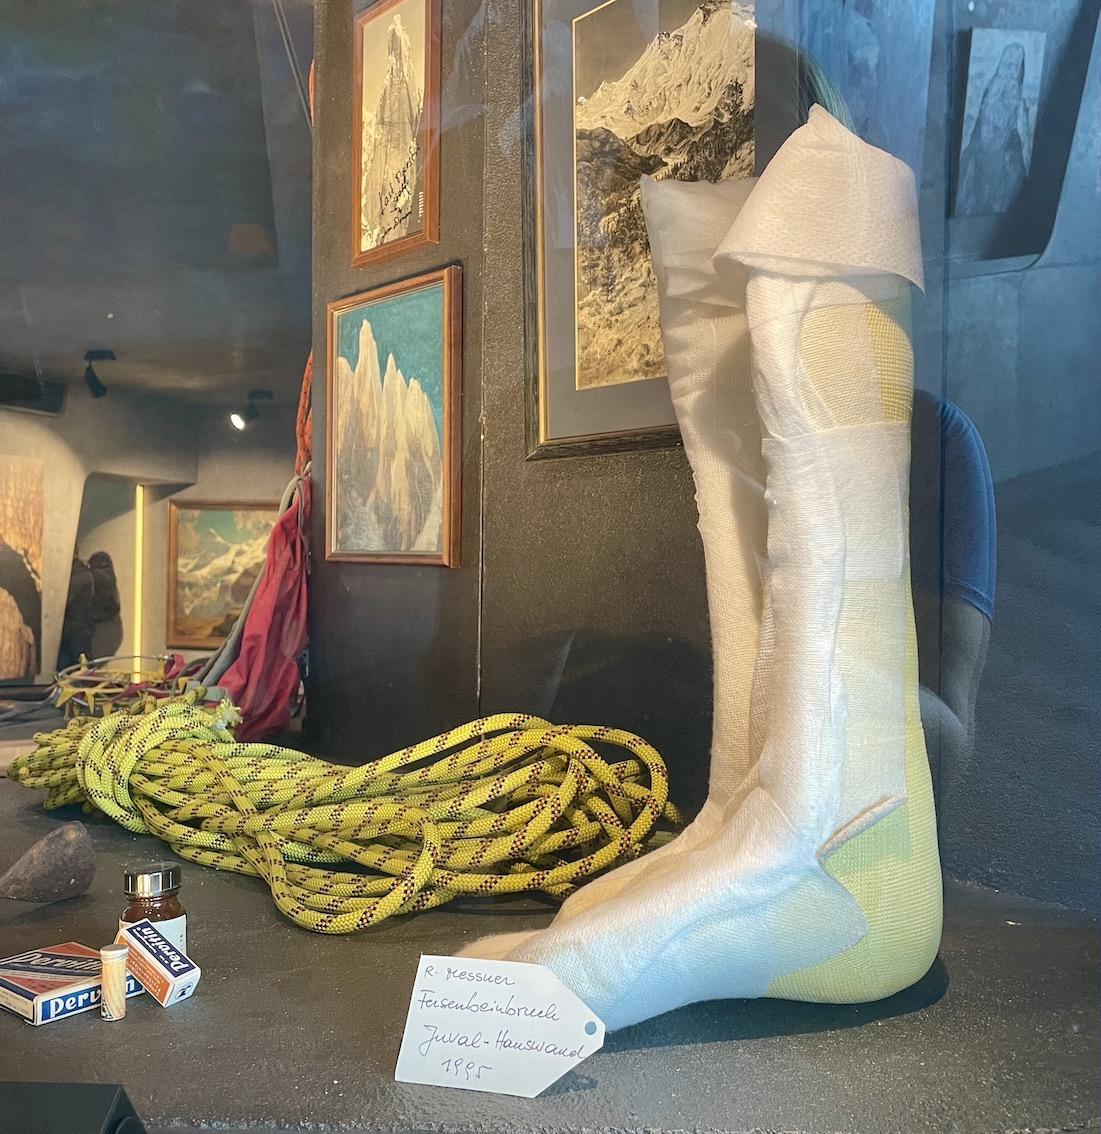 Messmer Mountain Museum Corones - GenussReise.blog